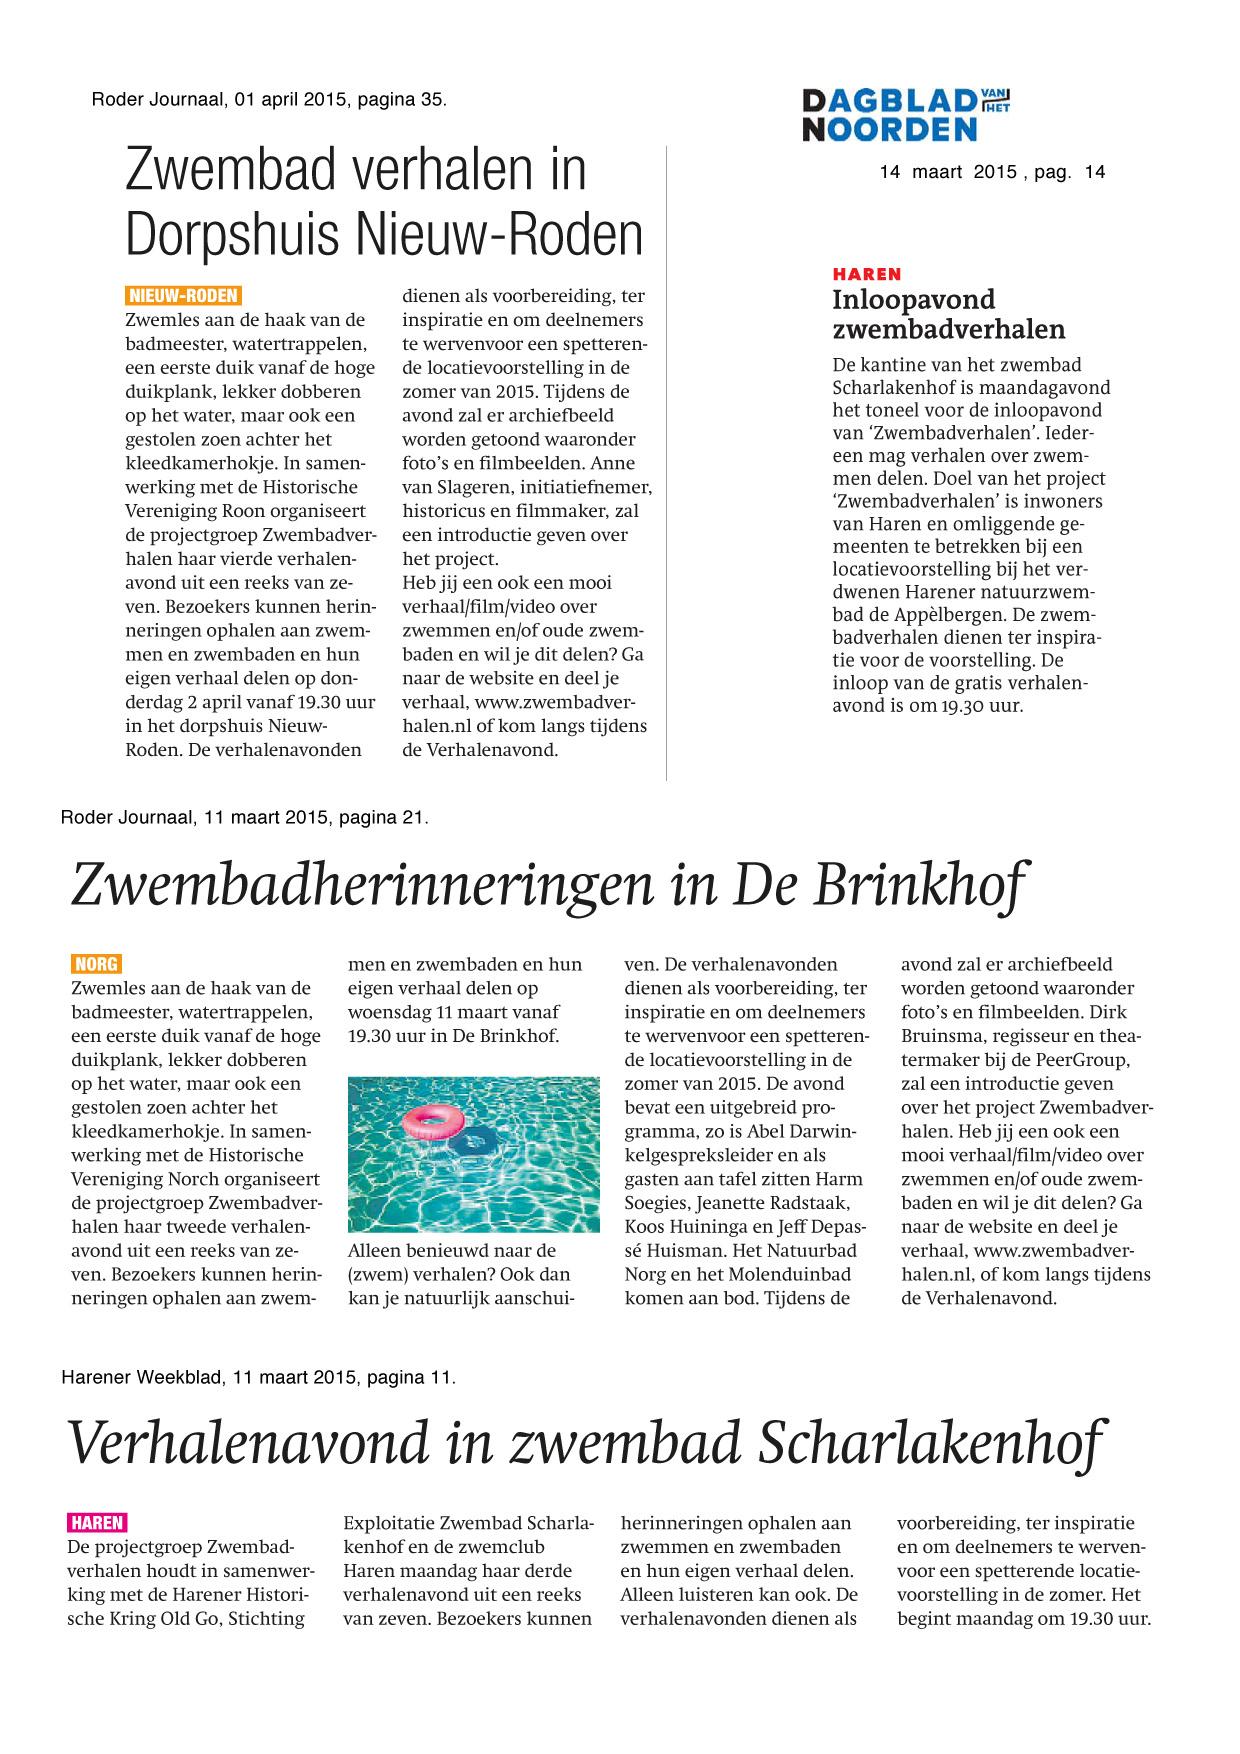 artikelen-zwembadverhalen-p11